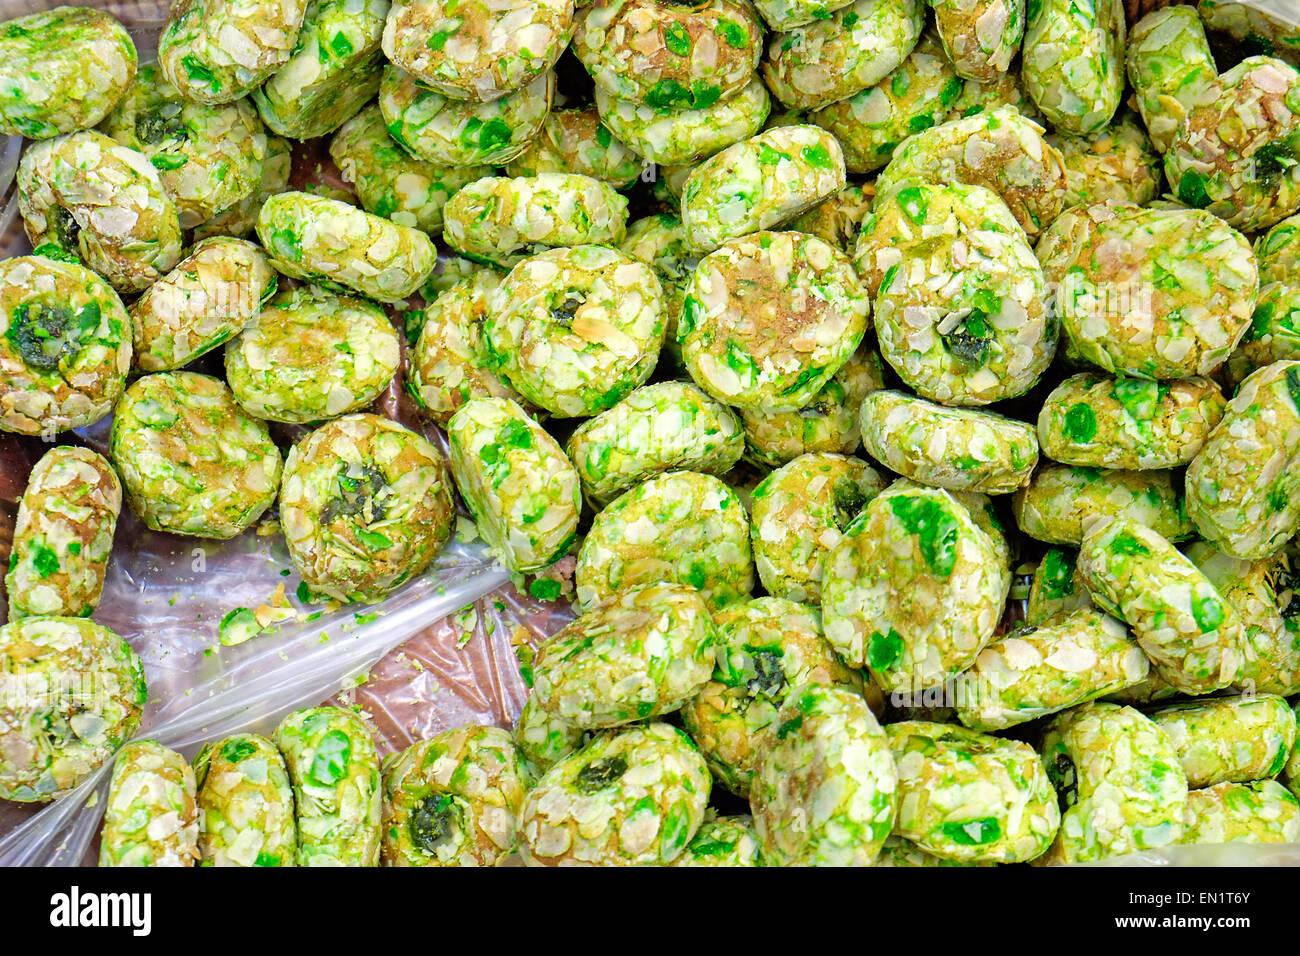 Certaines pâtisserie italienne verte pour la vente dans une boulangerie Photo Stock